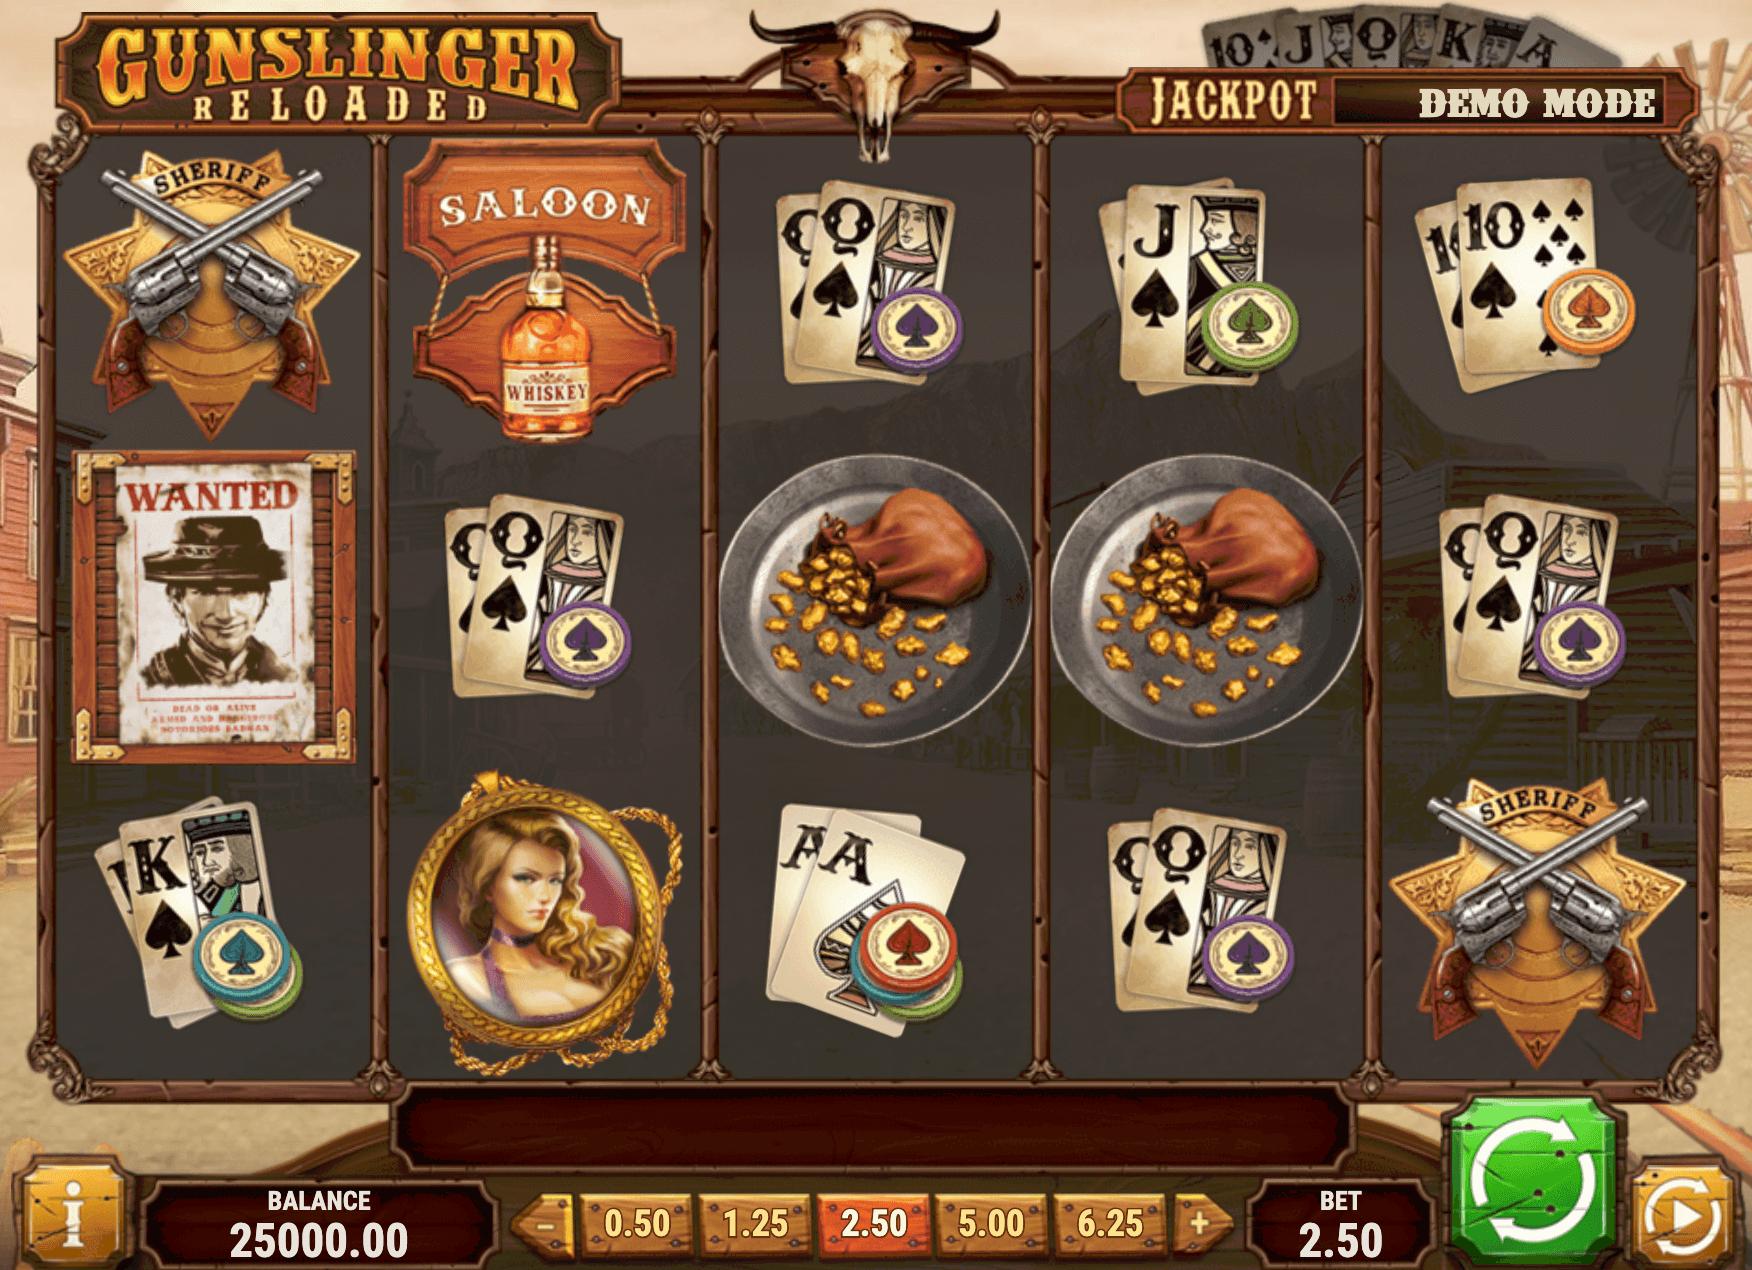 Gunslinger Online Slot